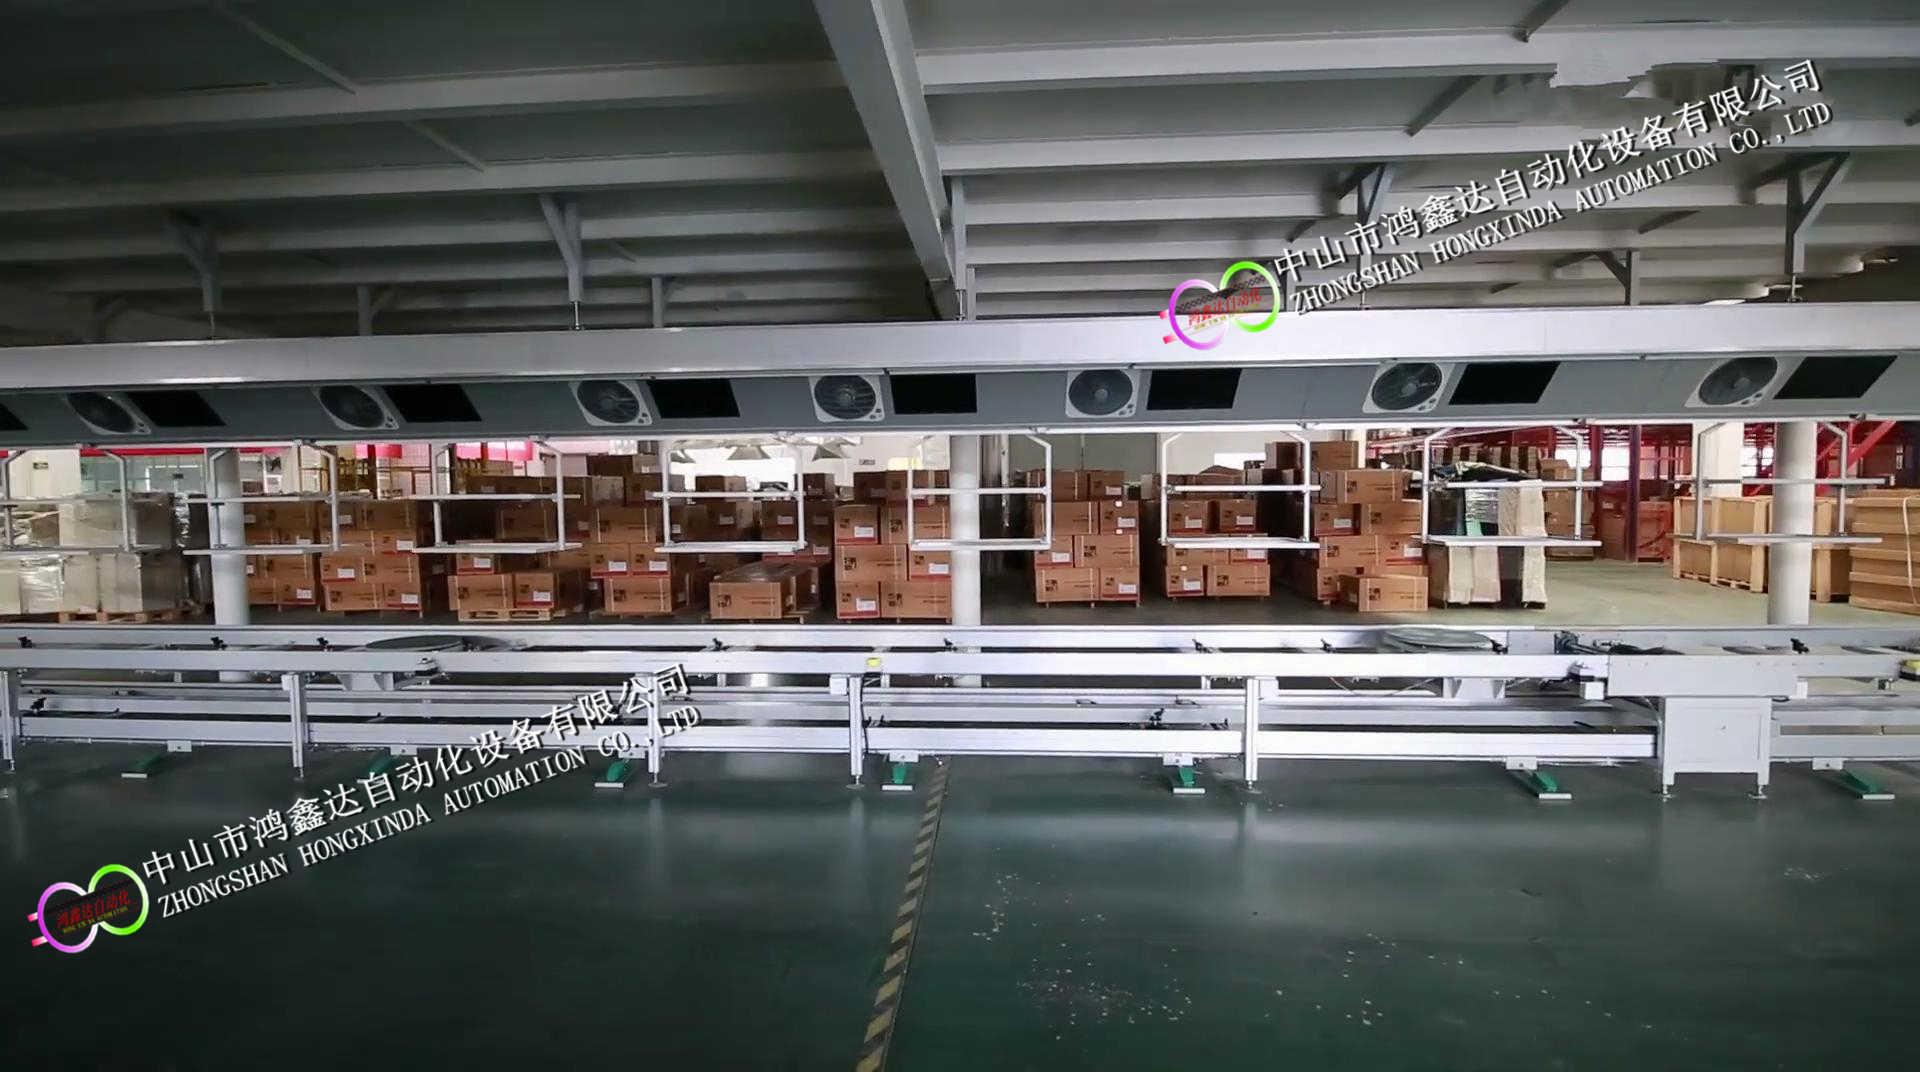 瑞马燃气壁挂炉生产检测设备及新增生产线展示-1080_20180116234323.JPG